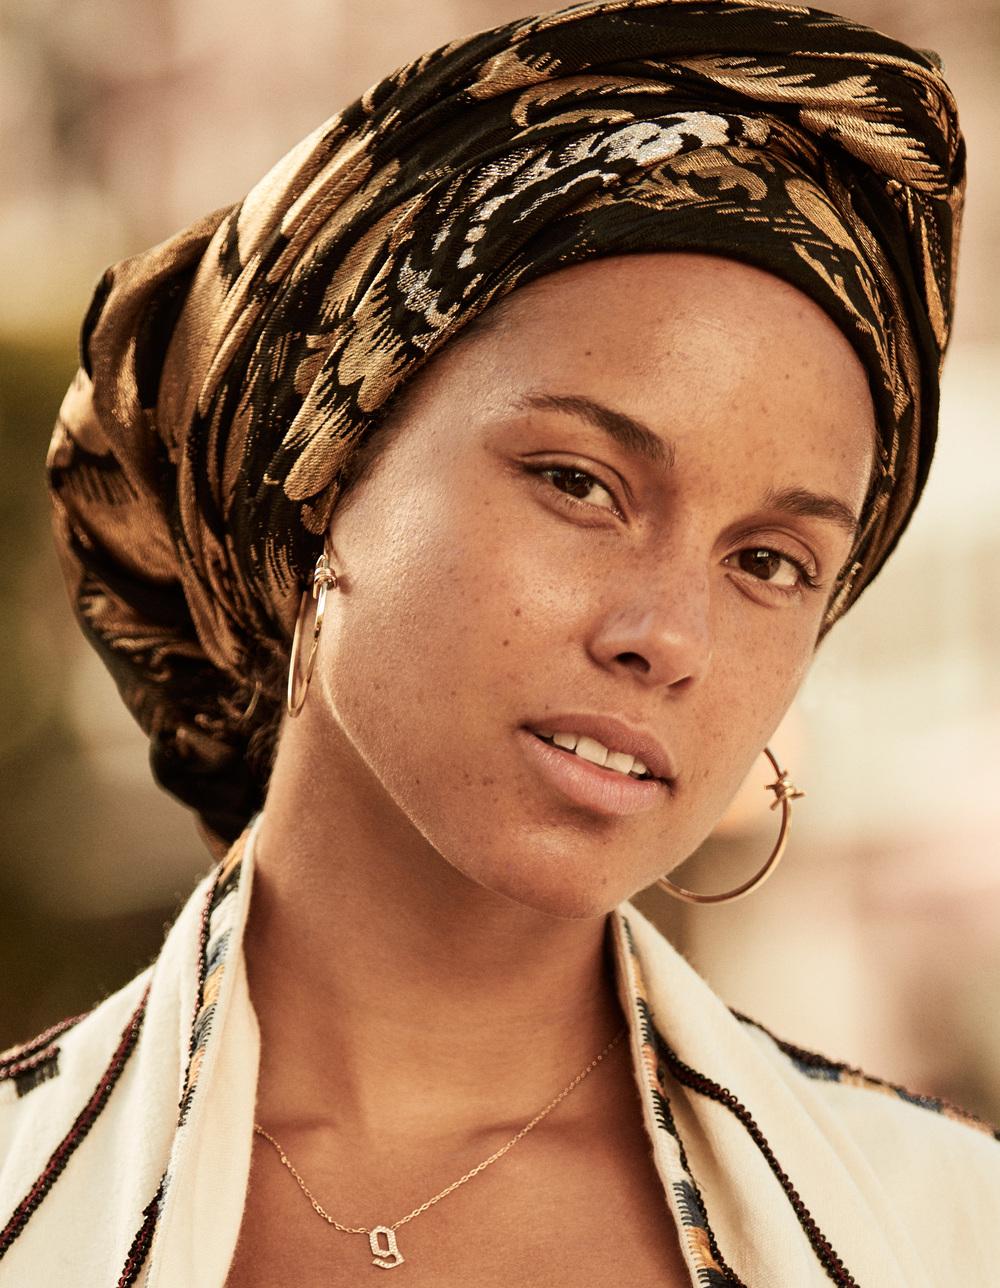 Alicia Keys on The FADER